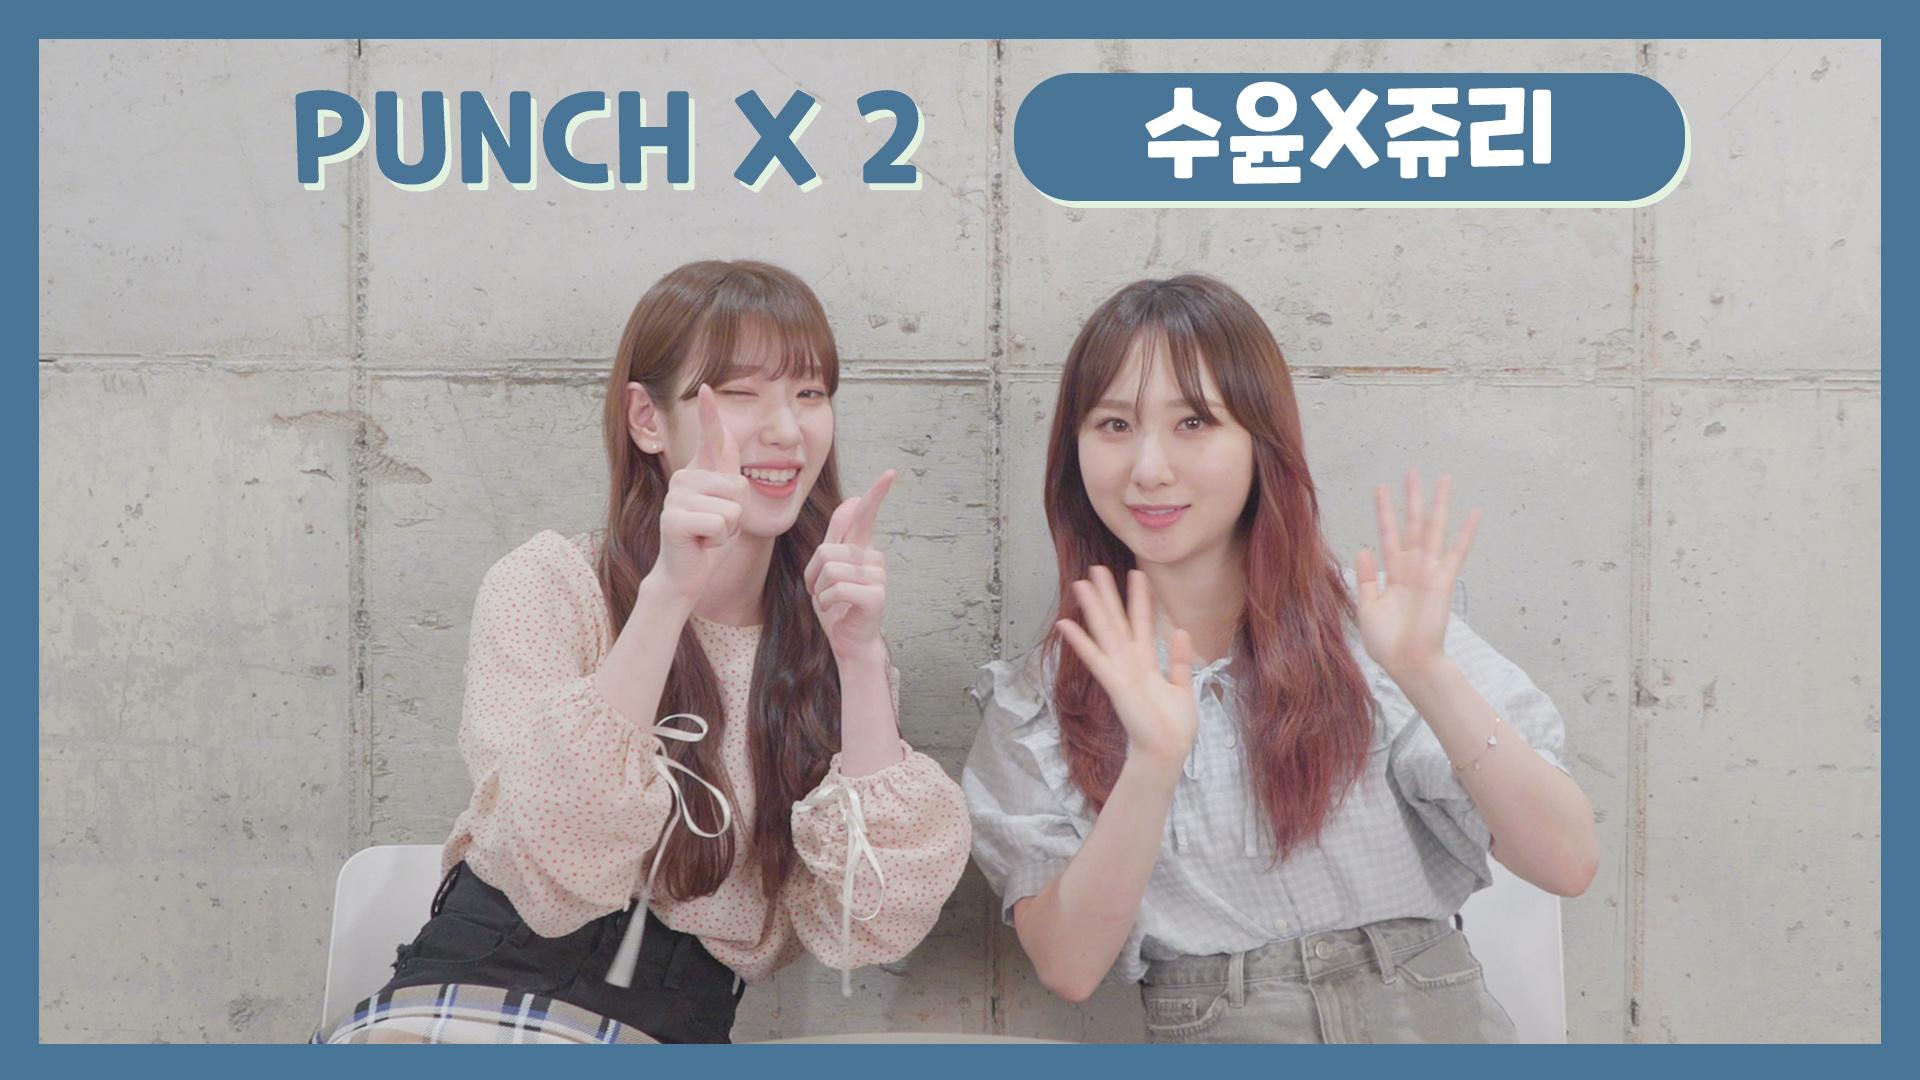 [PUNCH X 2] Chapter4. 수윤X쥬리